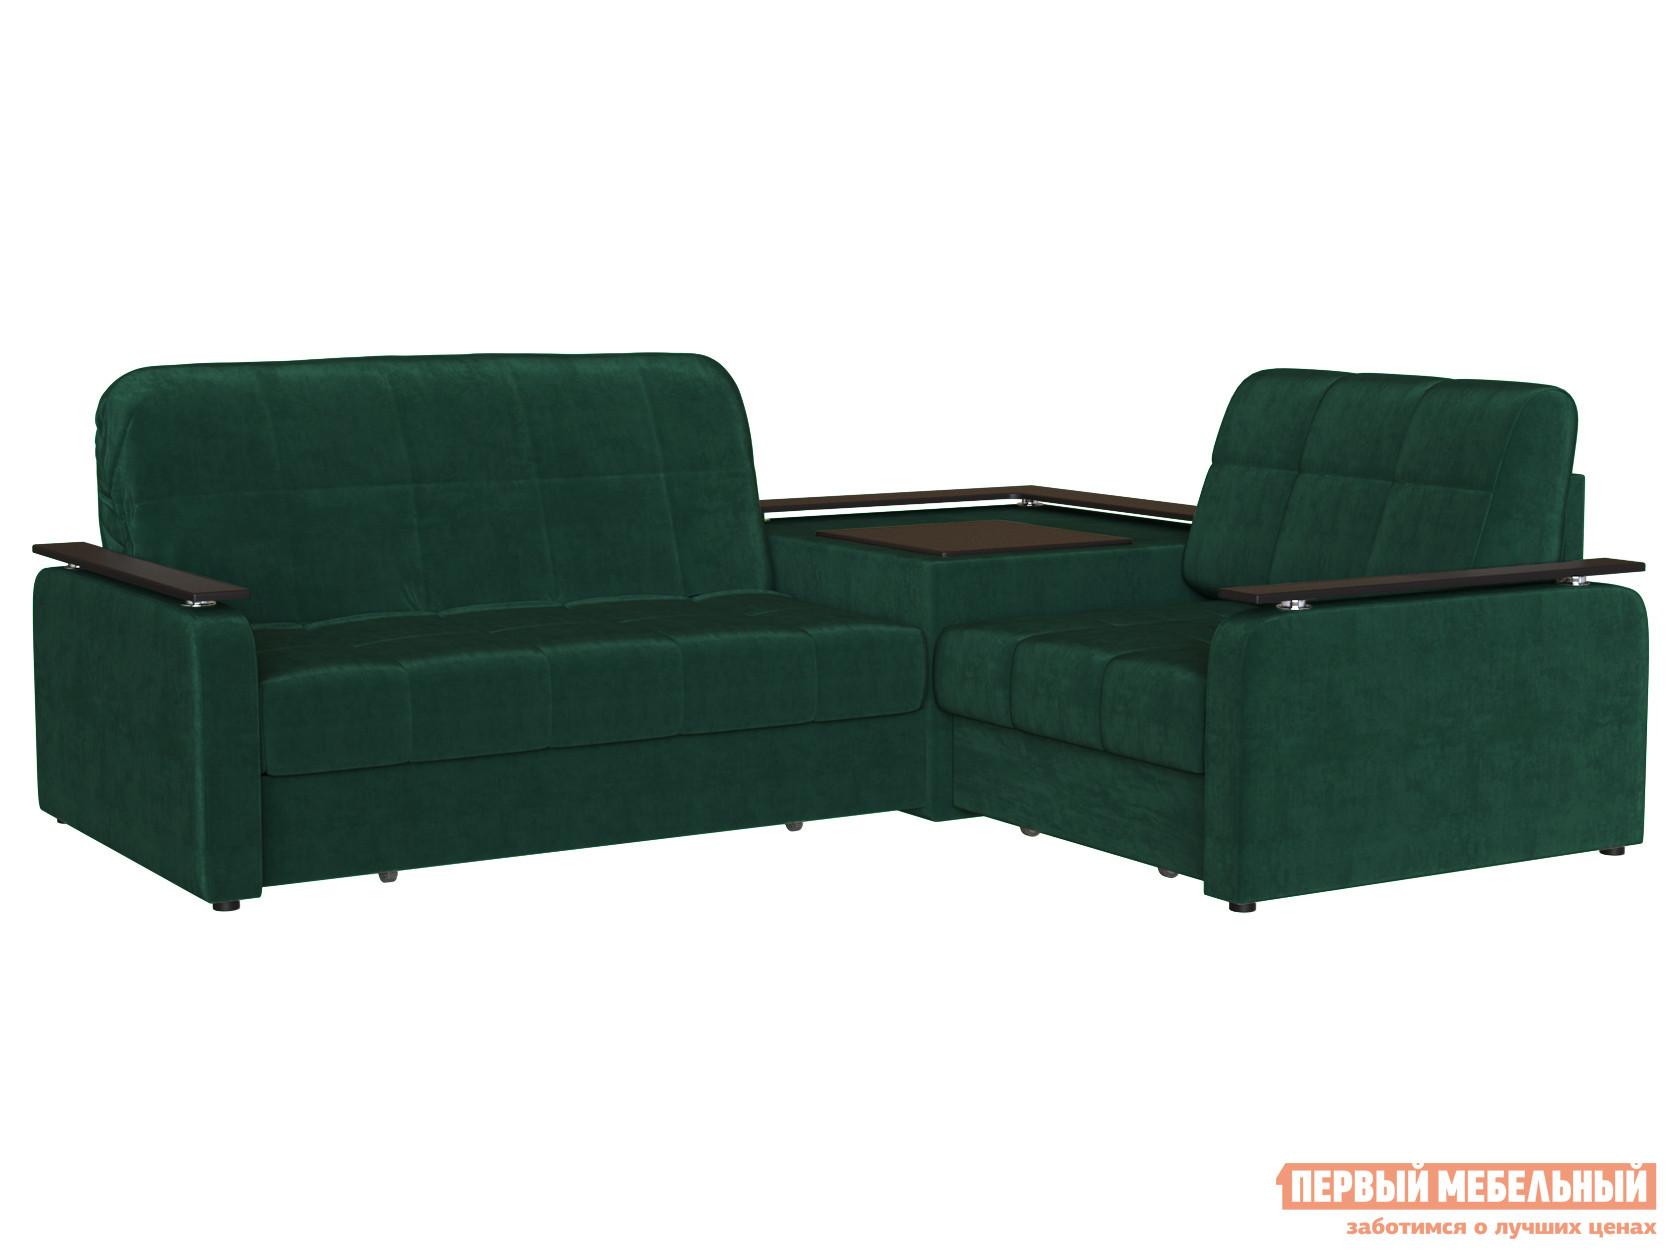 Угловой диван Первый Мебельный Денвер У